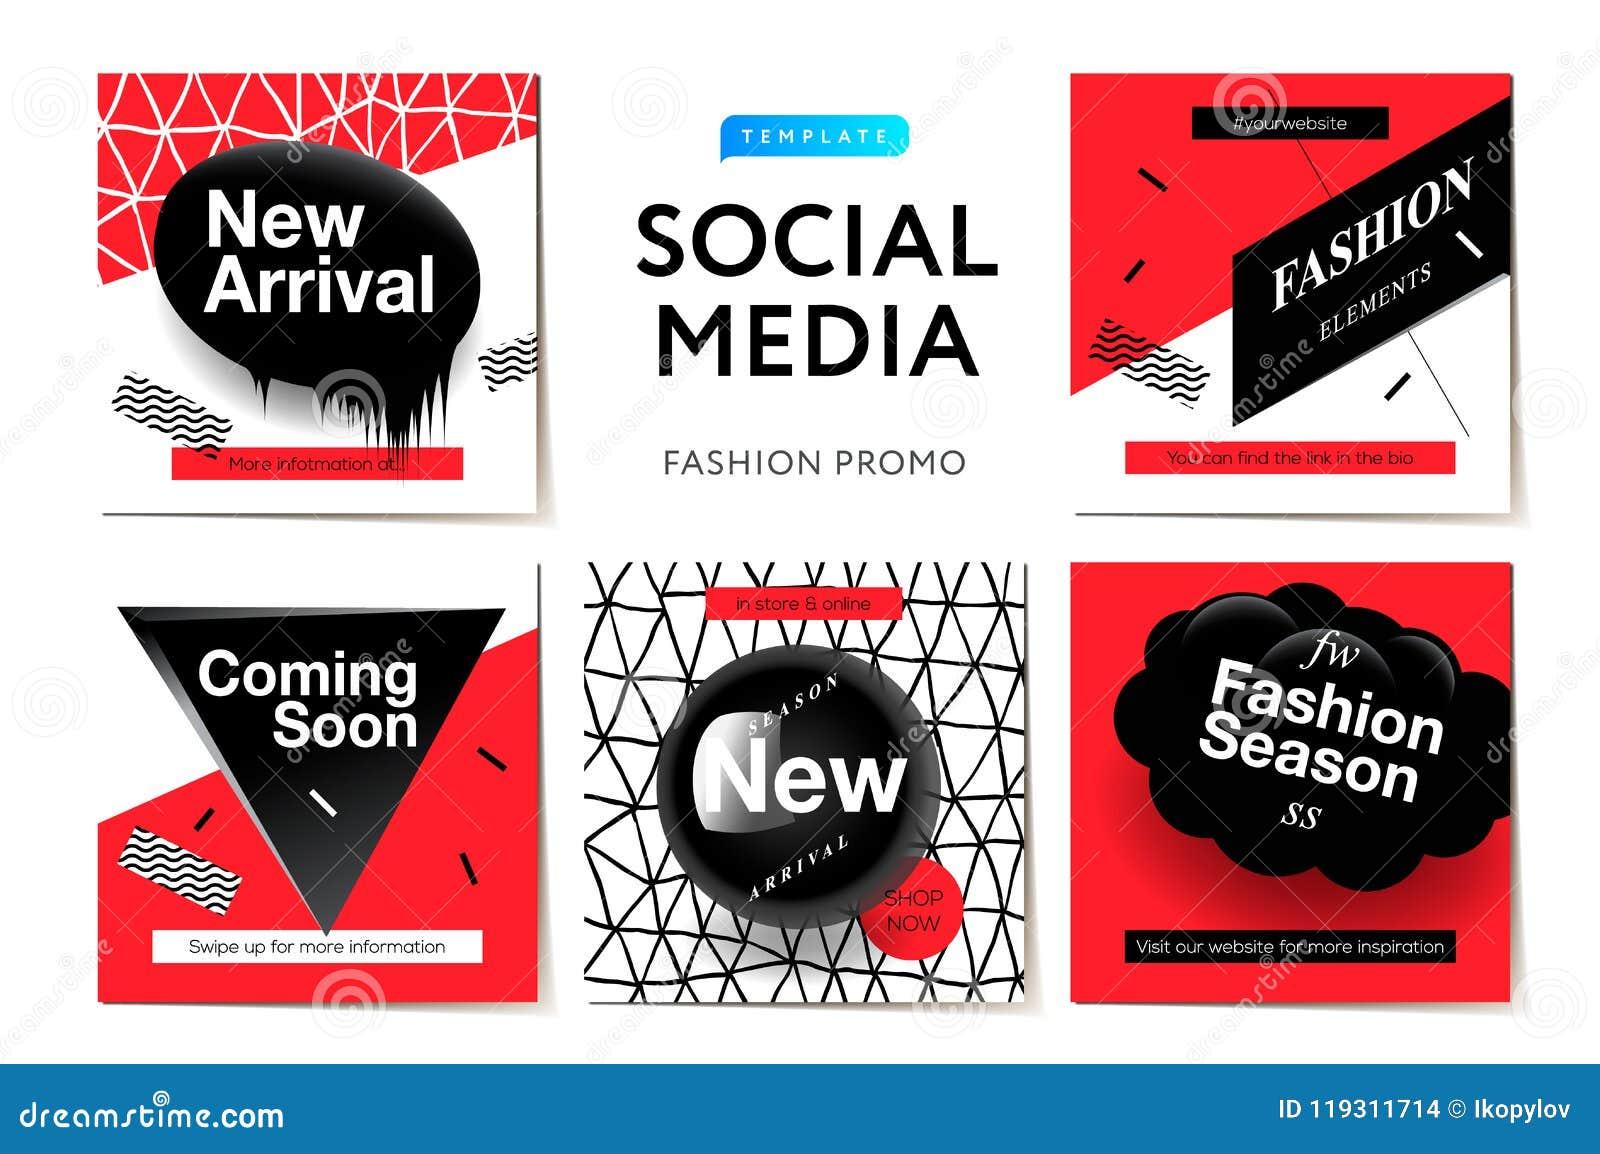 Modern Promotion Square Web Banner For Social Media Mobile